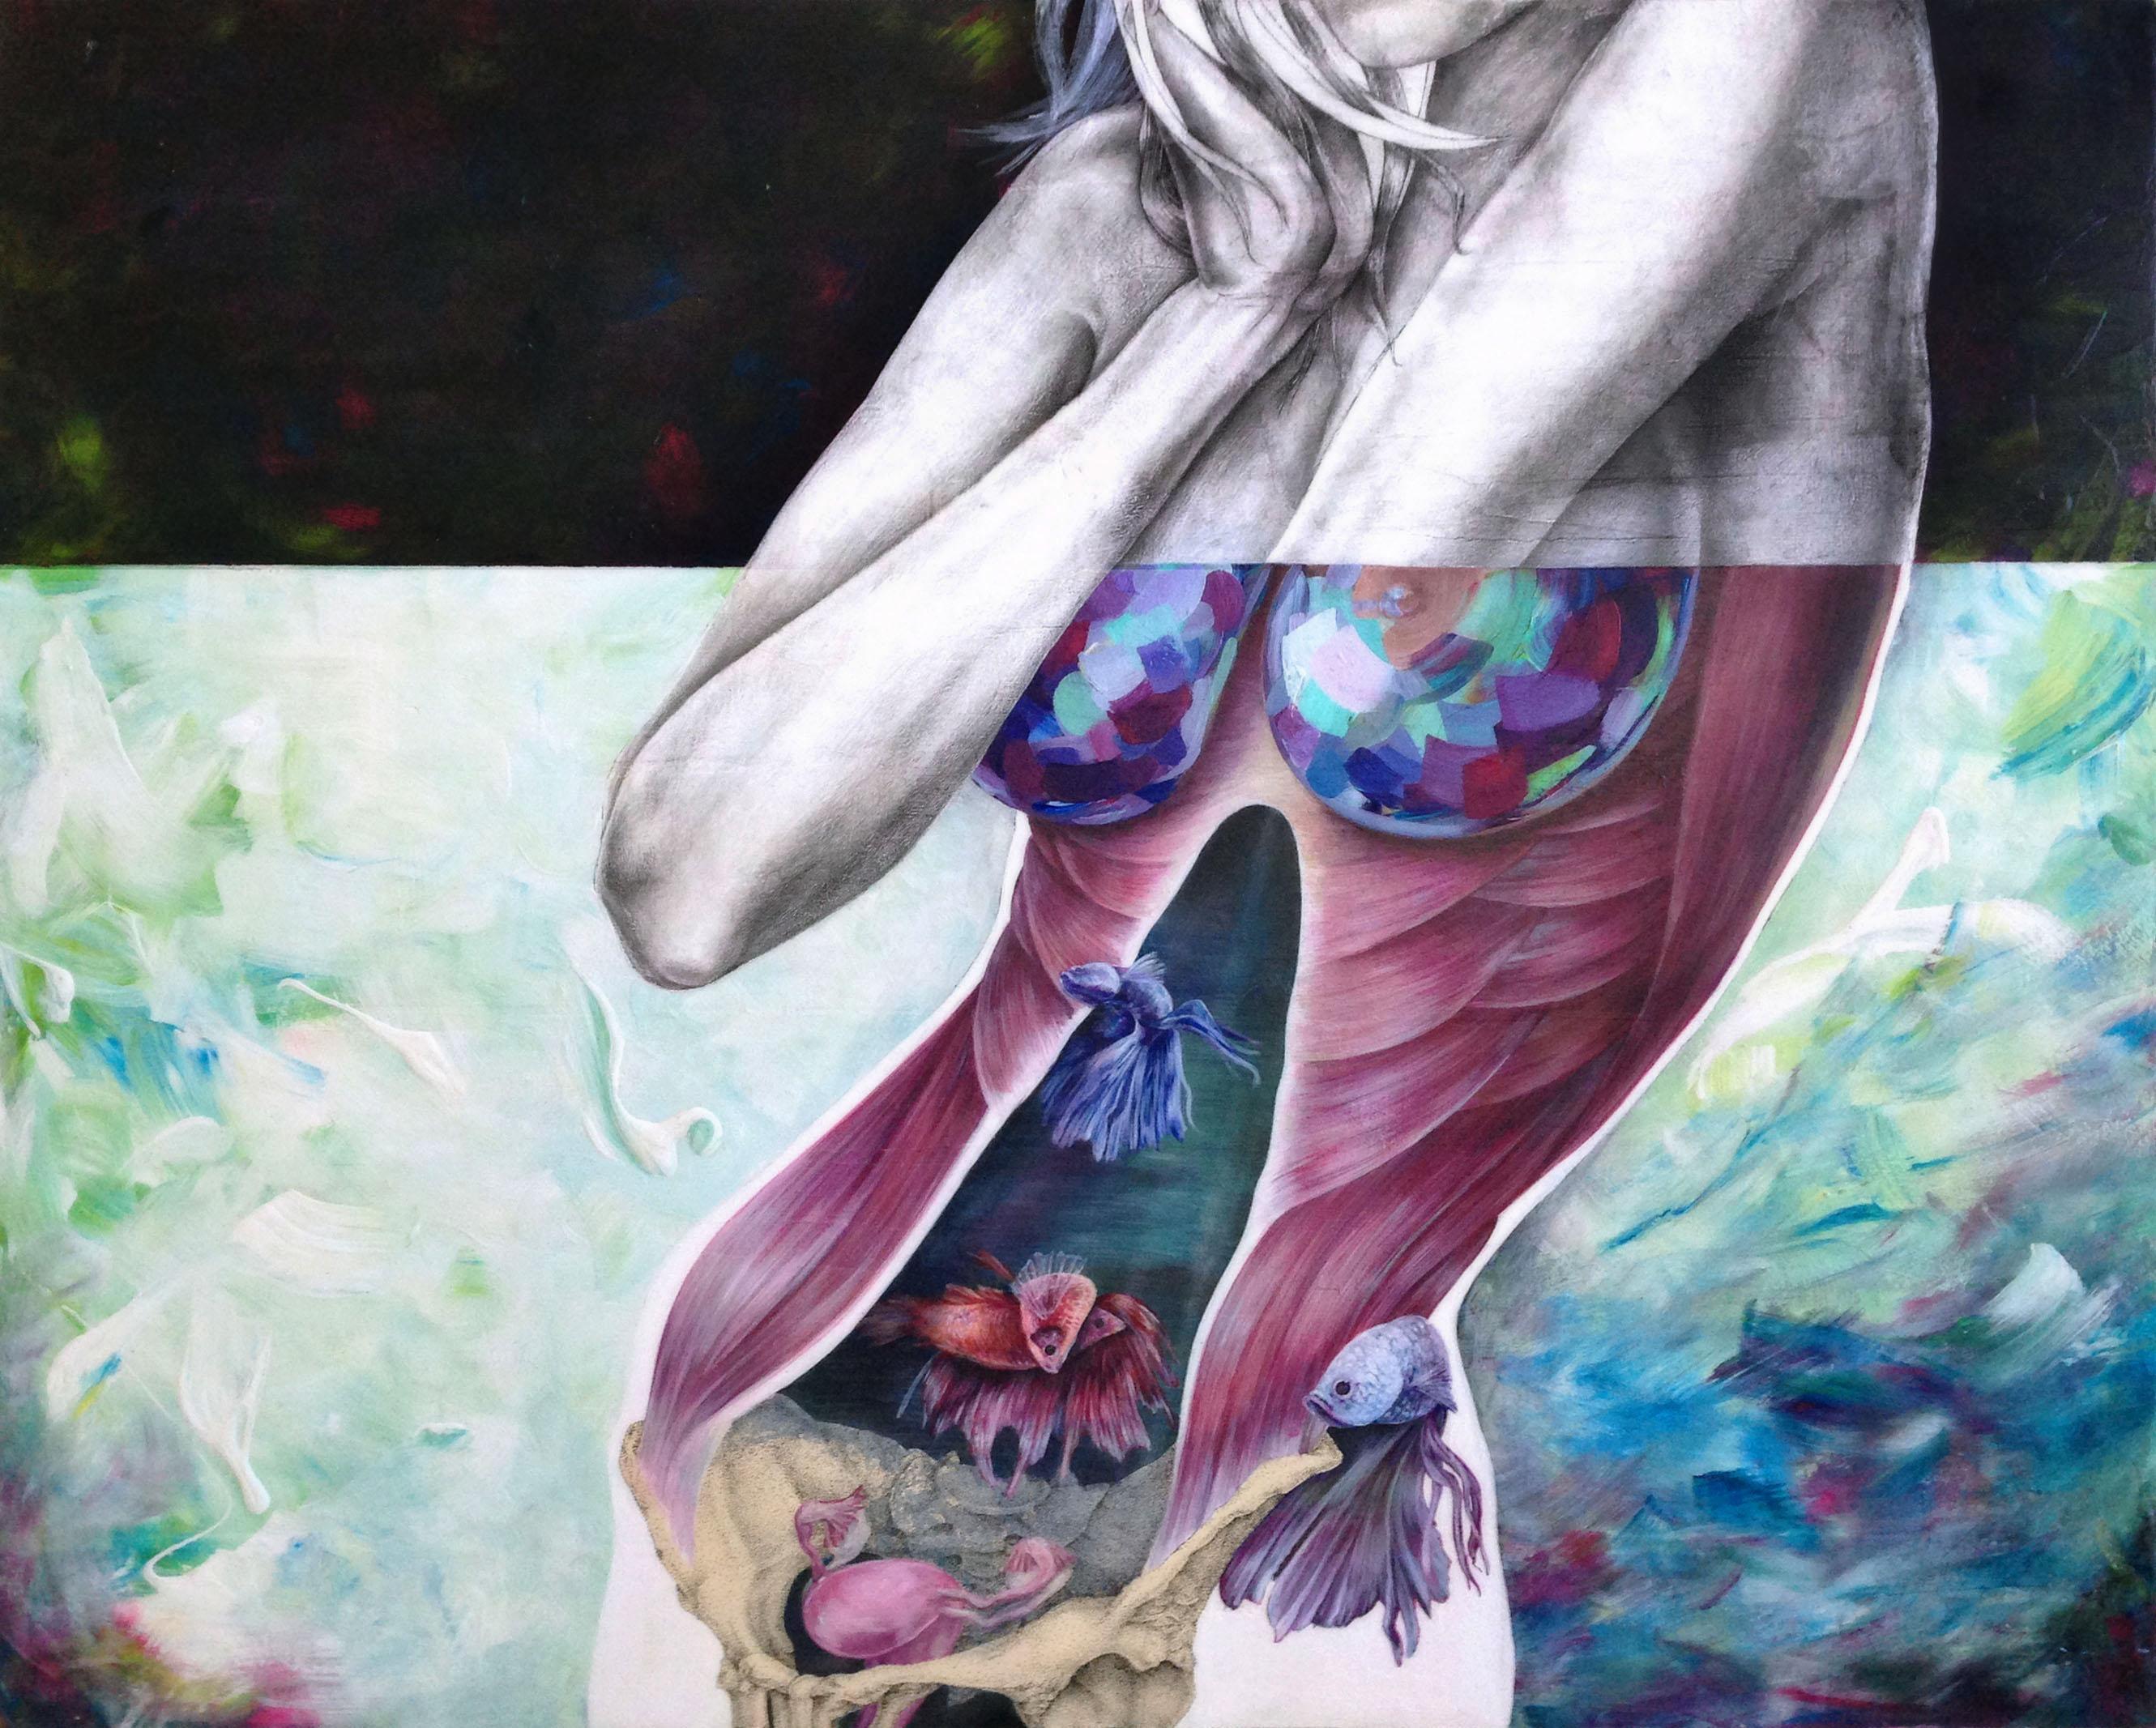 obra de arte cuerpo mujer con musculos creada por giselle vitali